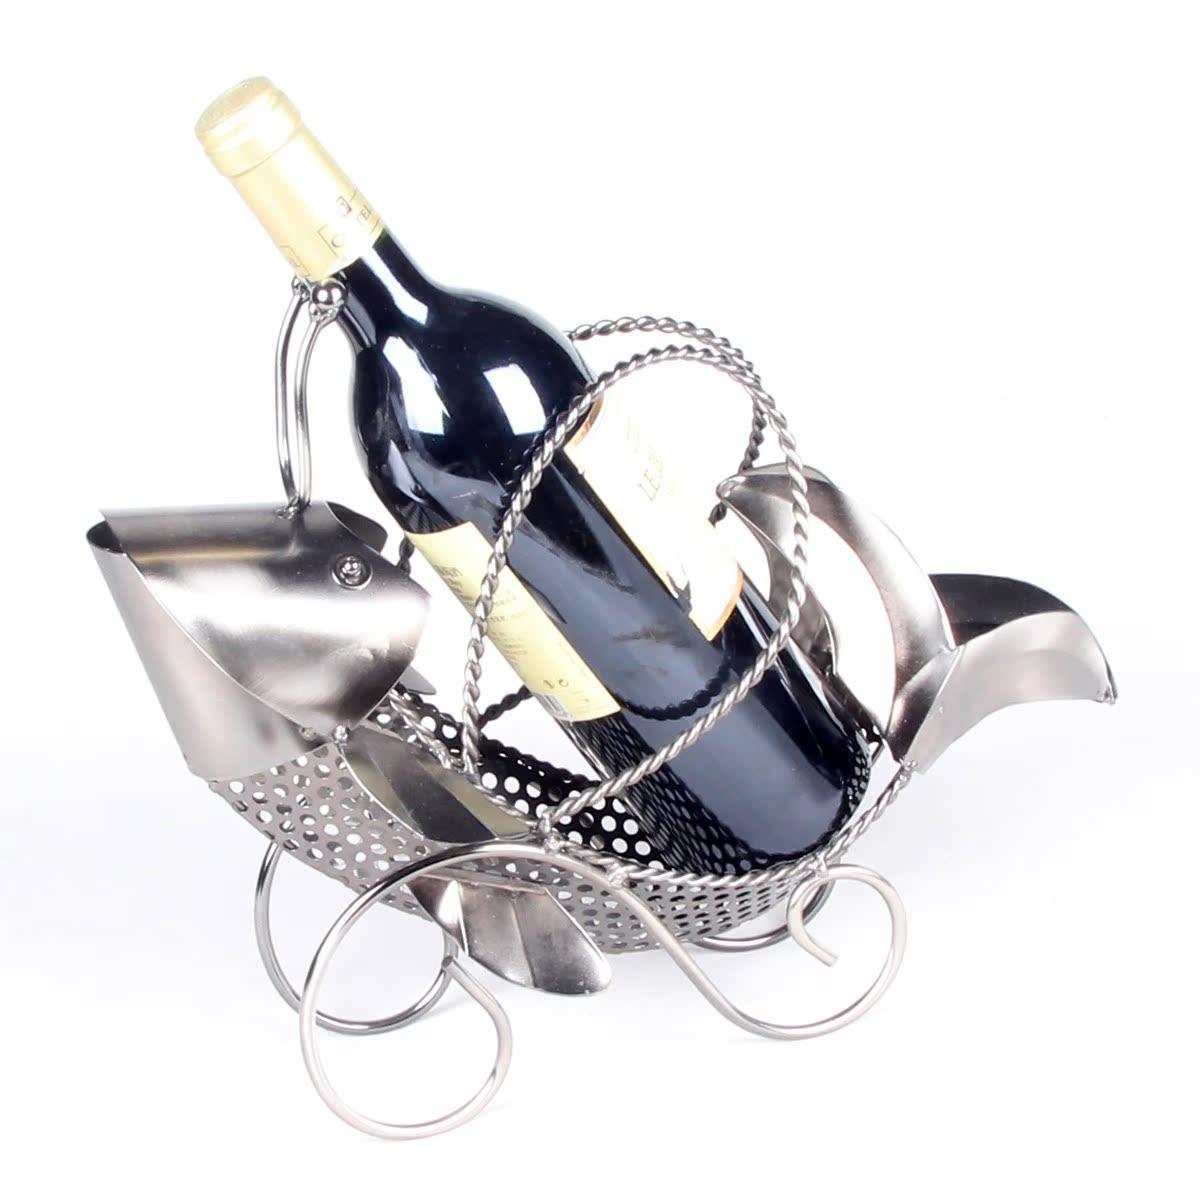 Подставка для вина Mettle 3625